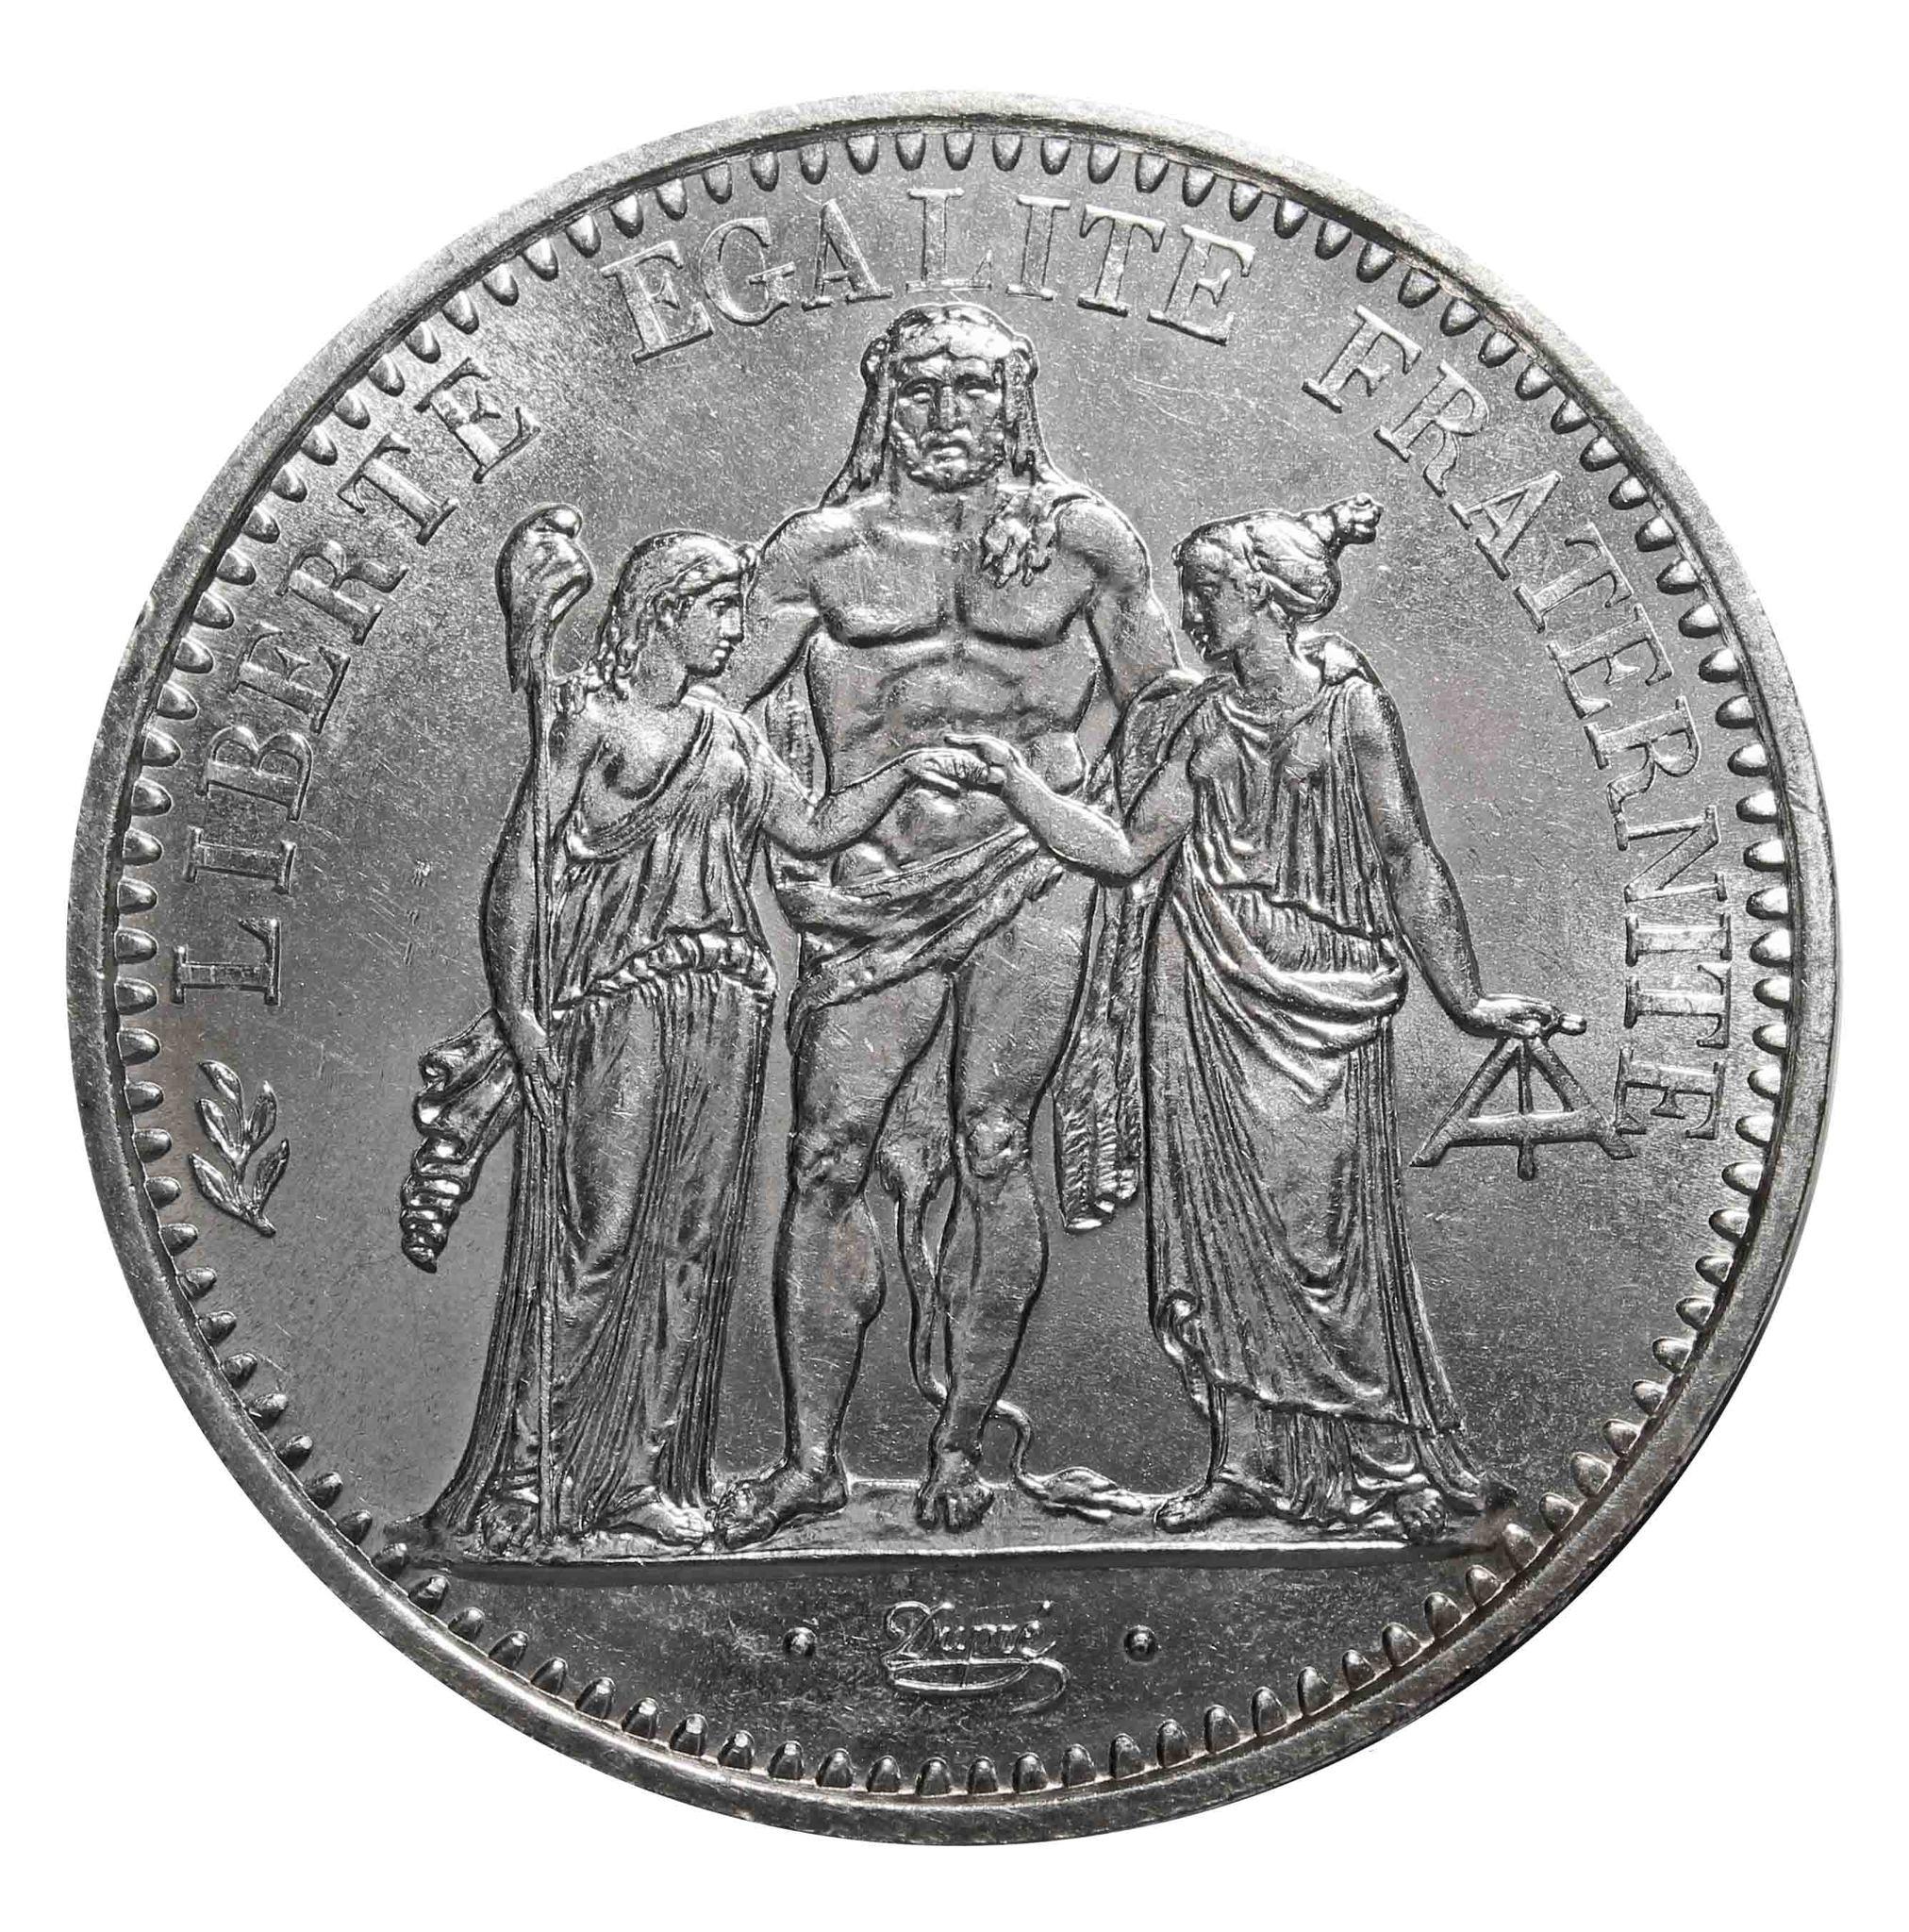 10 франков Франция. 1972 год. Серебро. UNC